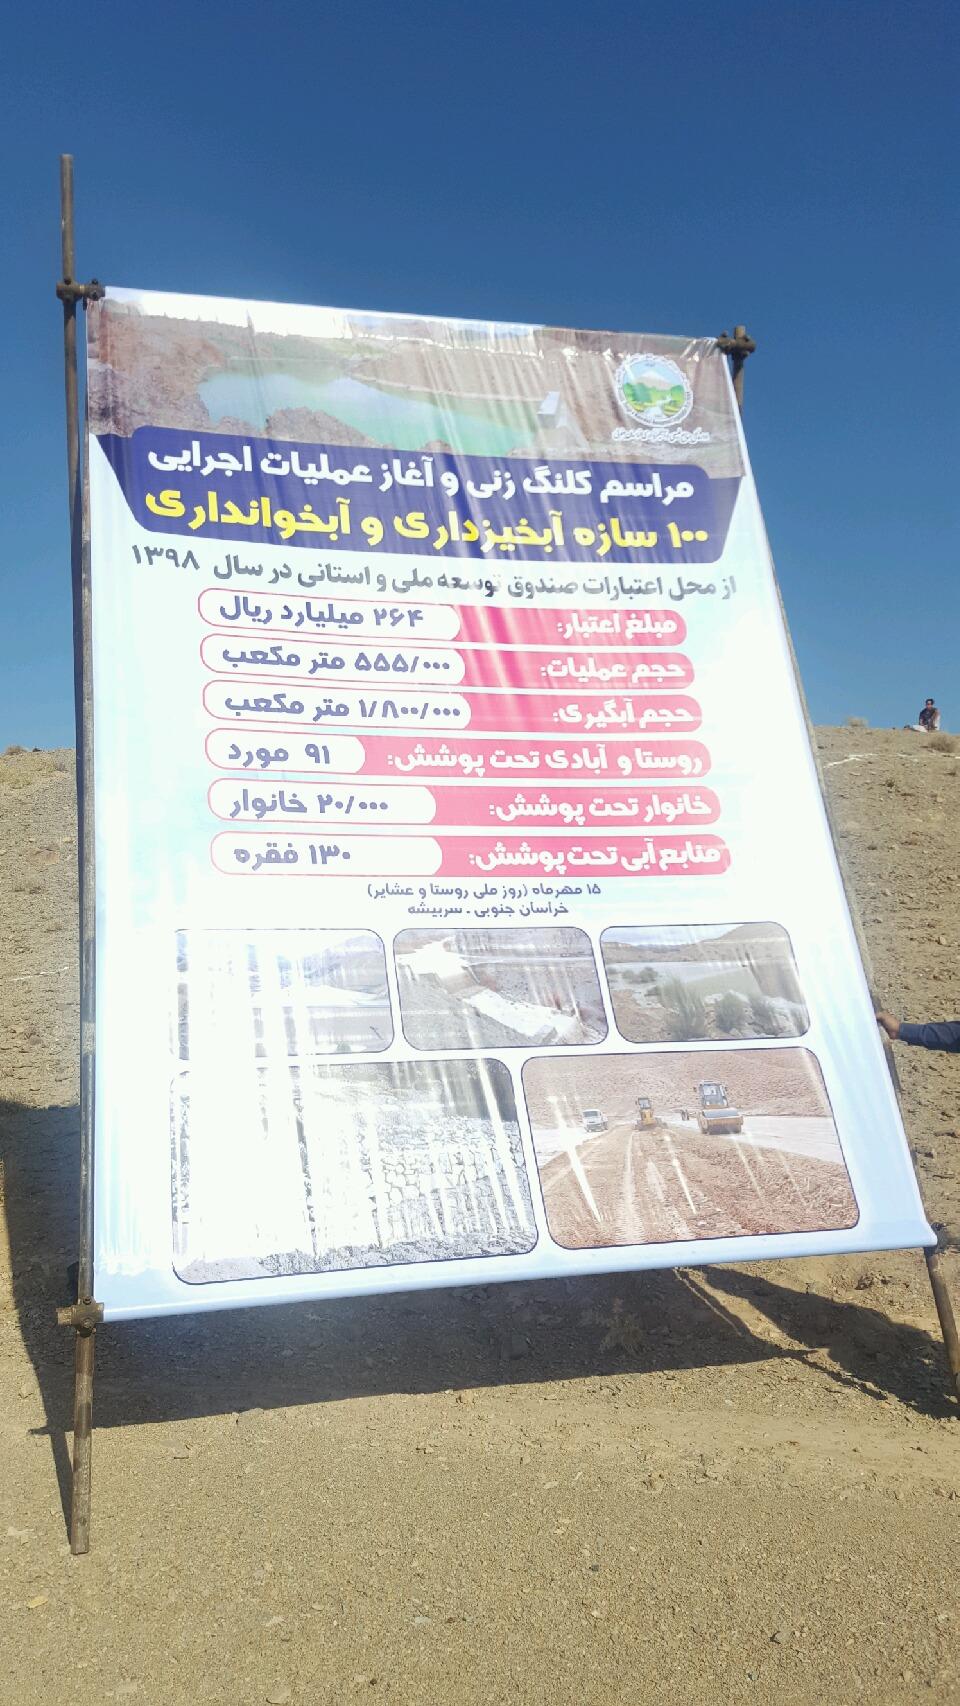 آغاز ساخت 100 سازه آبخیزداری در خراسان جنوبی